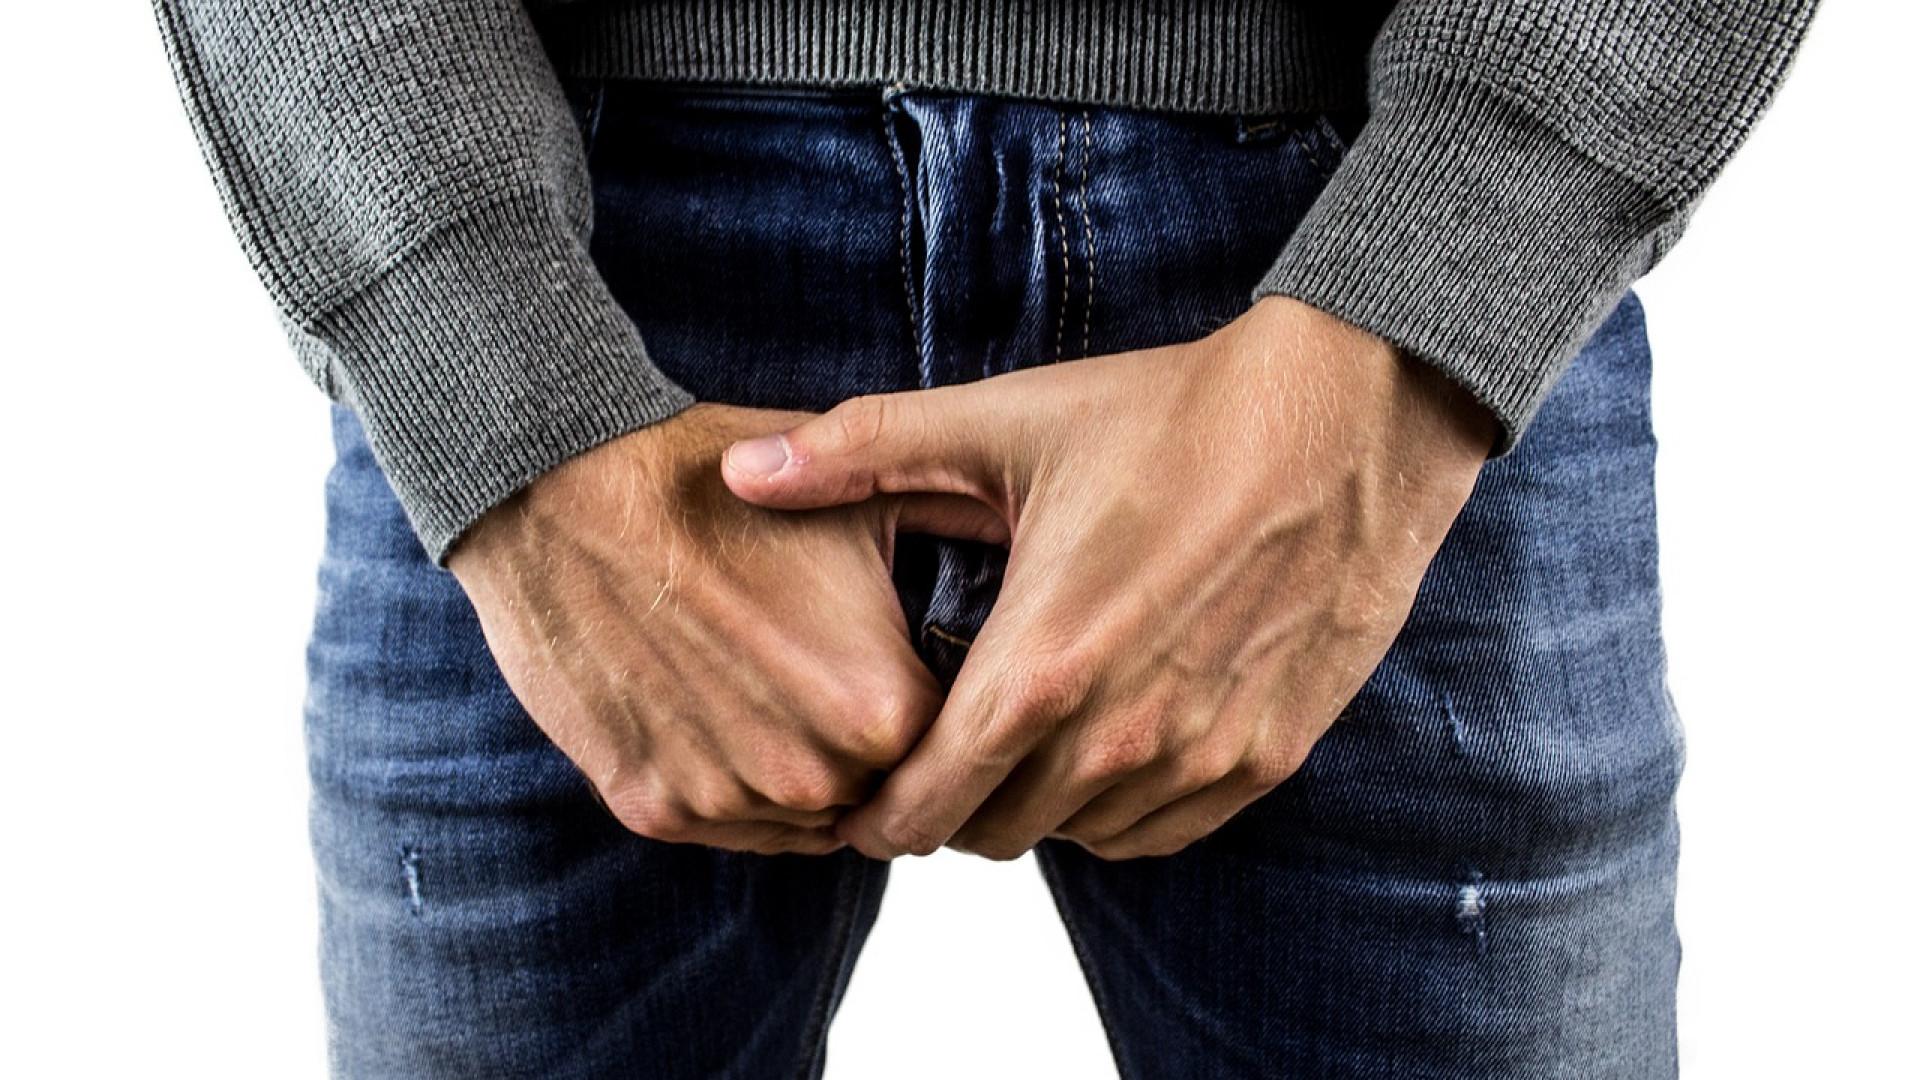 Des méthodes simples pour agrandir votre pénis